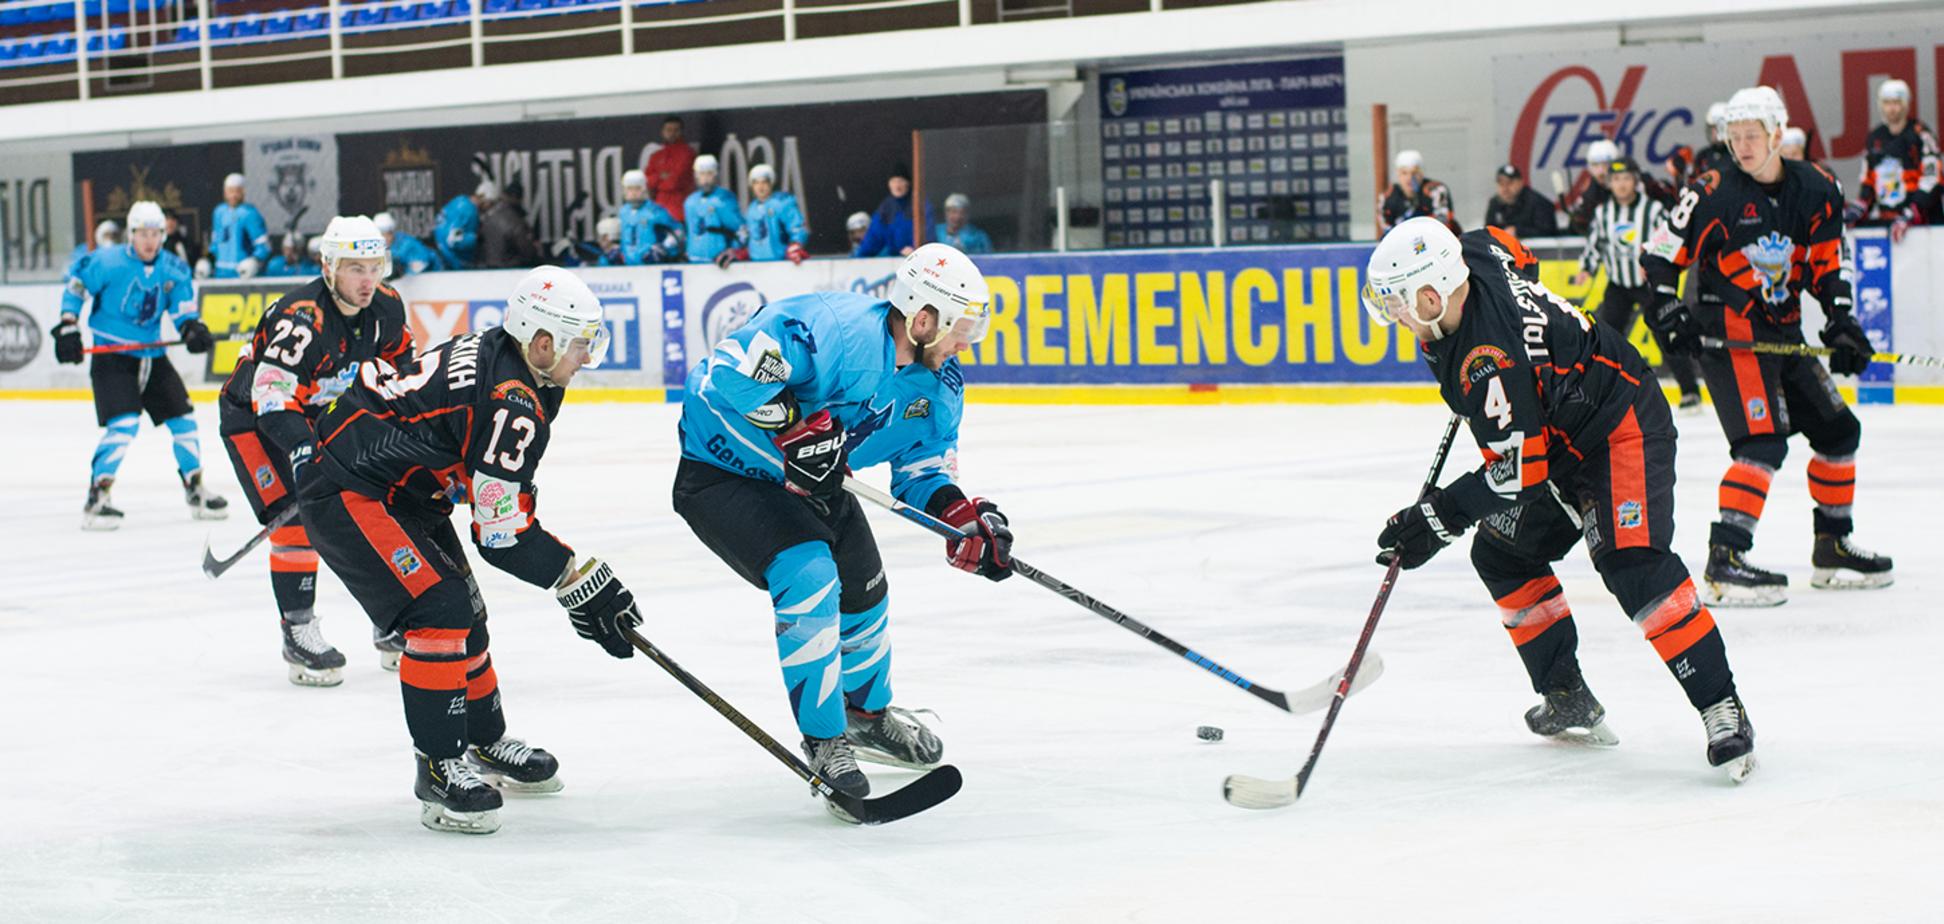 Дубль Савченко принес победу 'Кременчуку' в матче против 'Ледяных Волков'